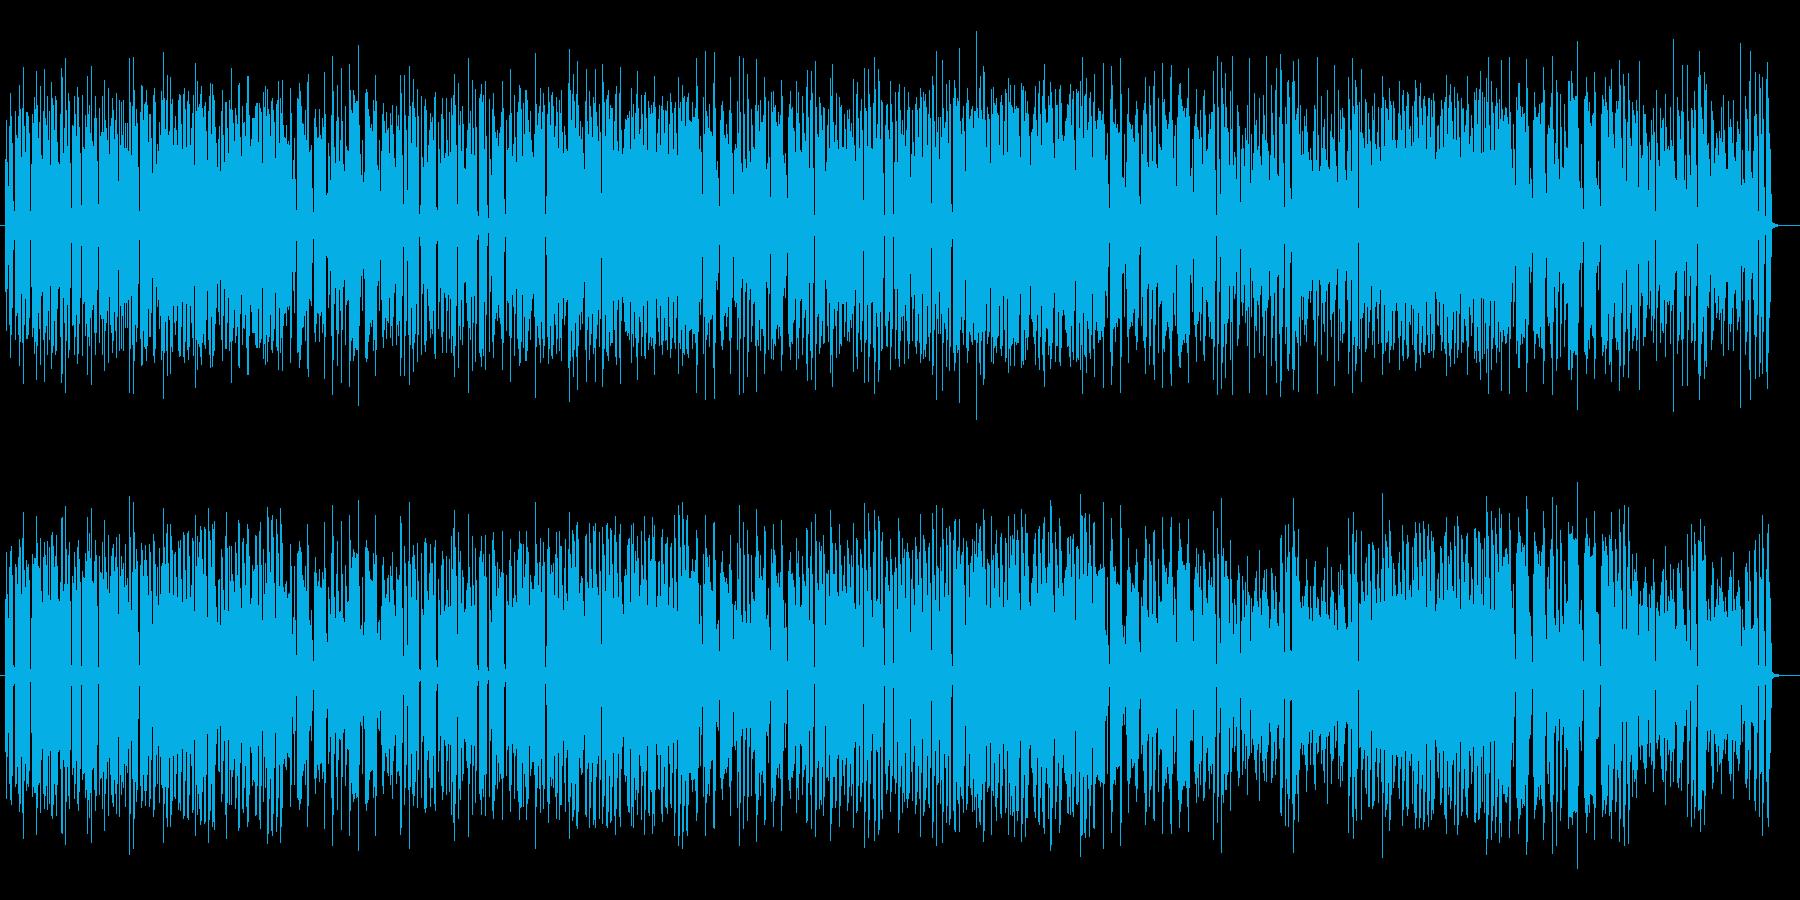 ゆったりとしたシンセポップスの再生済みの波形